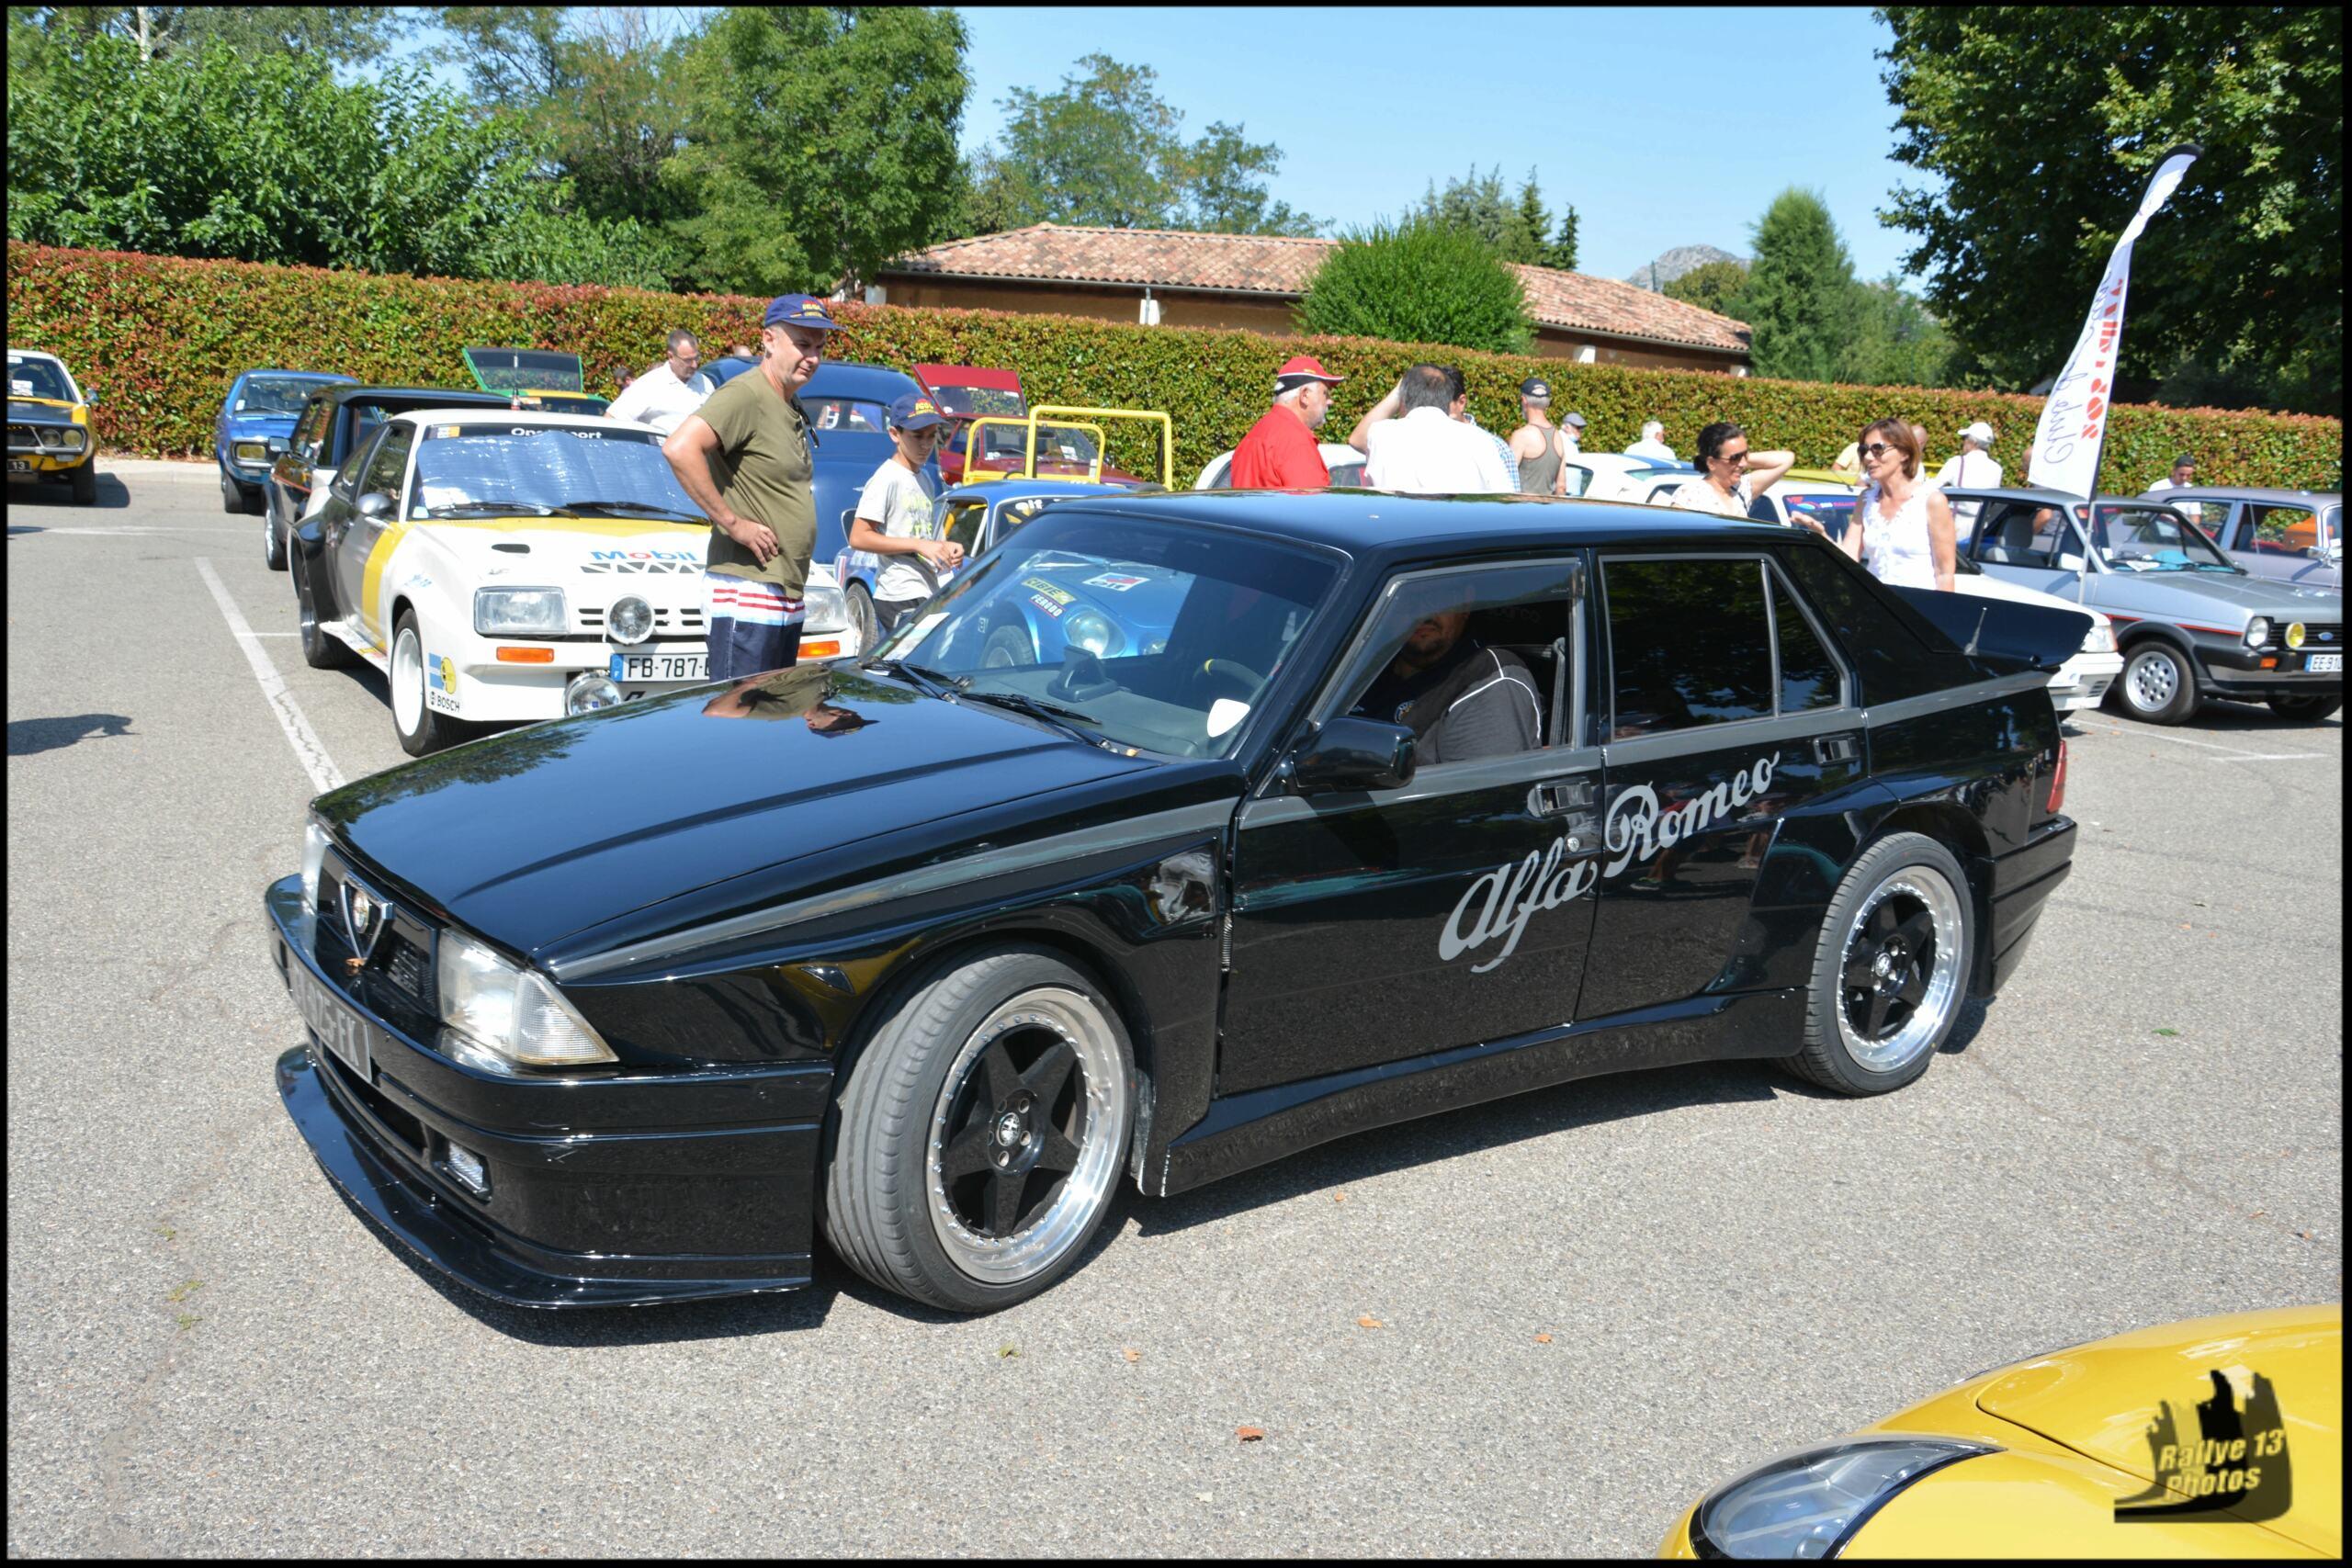 [jean-luc13] 205 Rallye Blanc Meije 1989 - Page 29 Dsc_6112